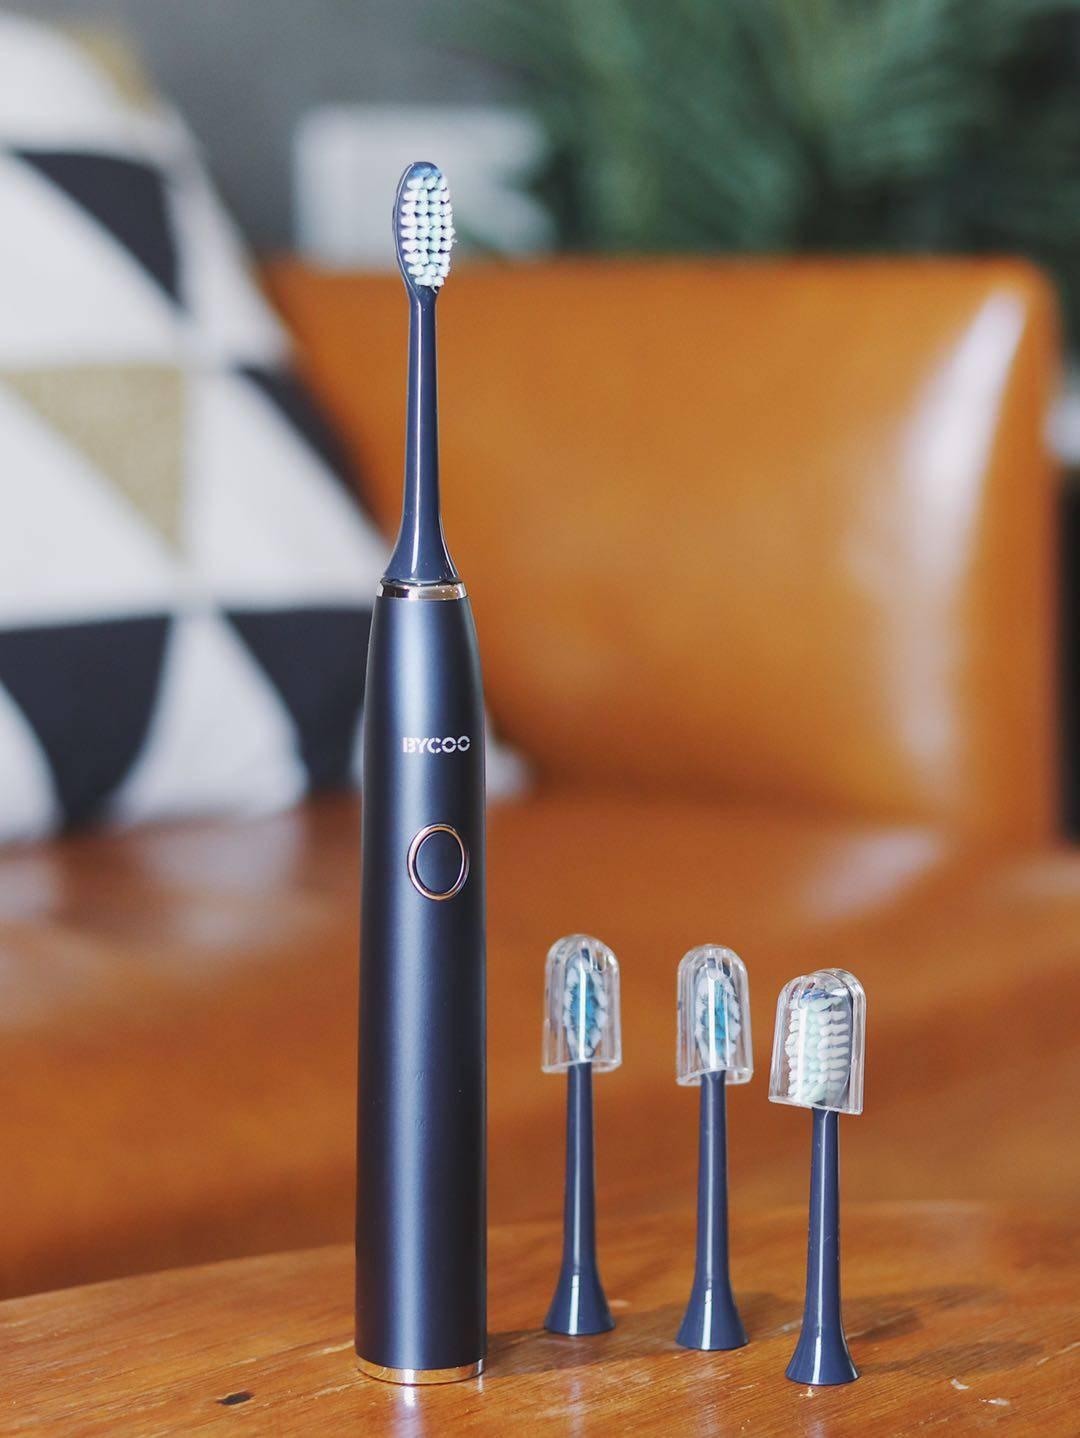 电动牙刷头多久换一次(三个月换牙刷骗局)